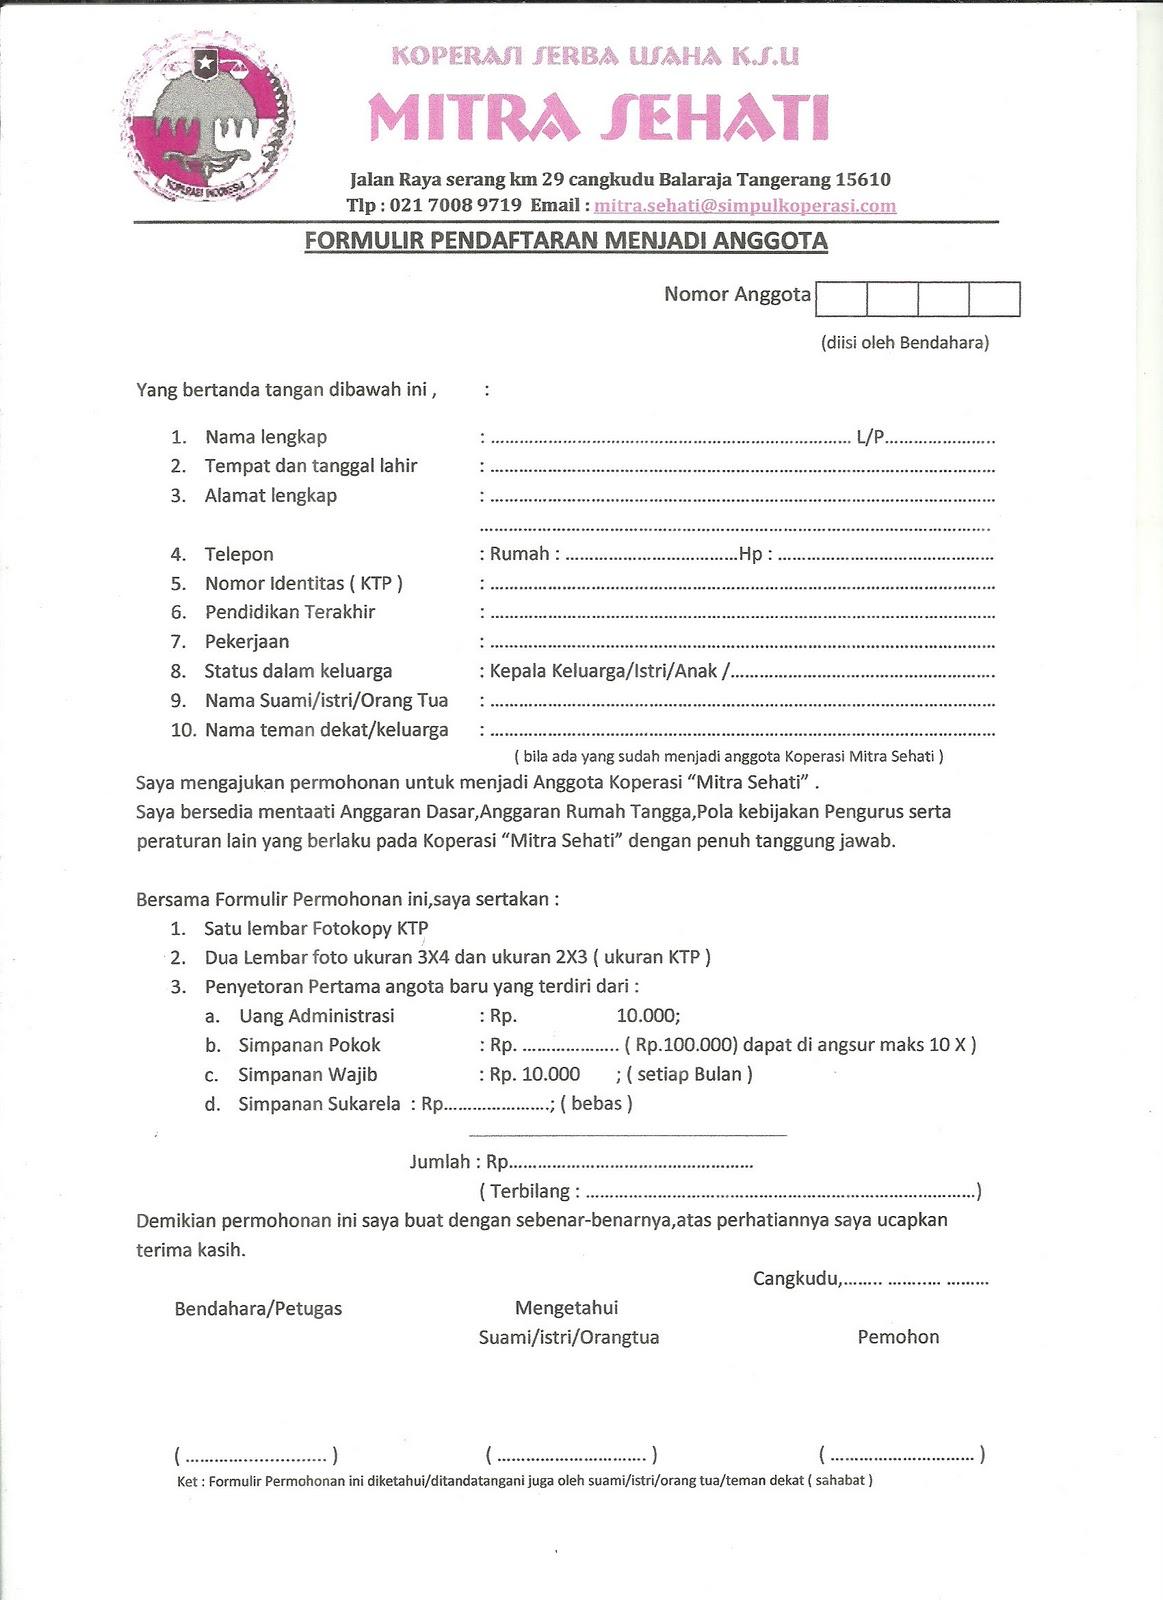 Contoh Formulir Menjadi Anggota Koperasi Lina Unpuntounarte